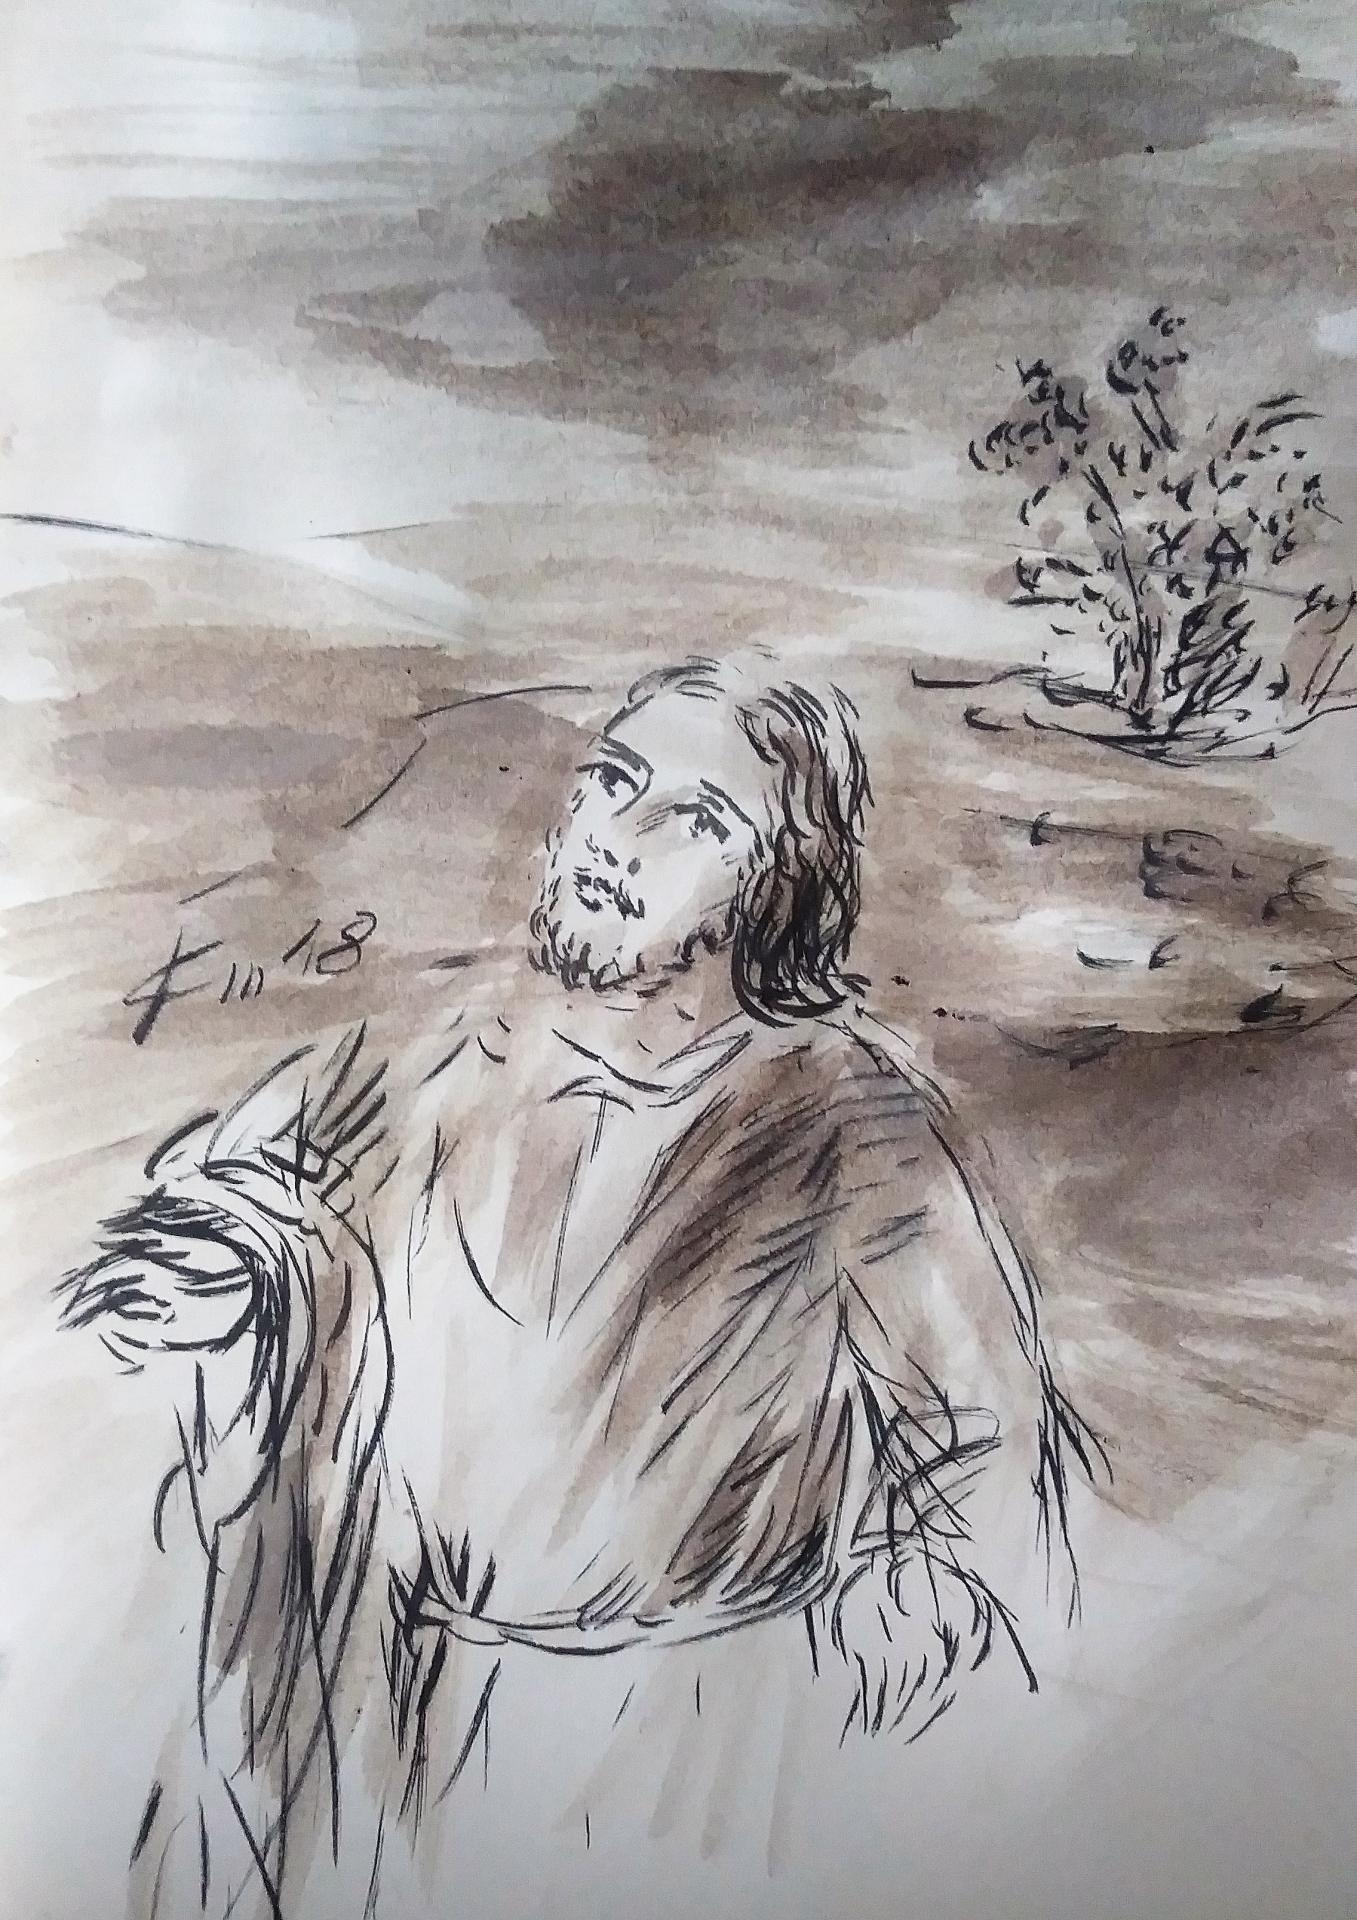 17 mai 2018 evangile du jour illustre par un dessin au lavis de jean joseph chevalier